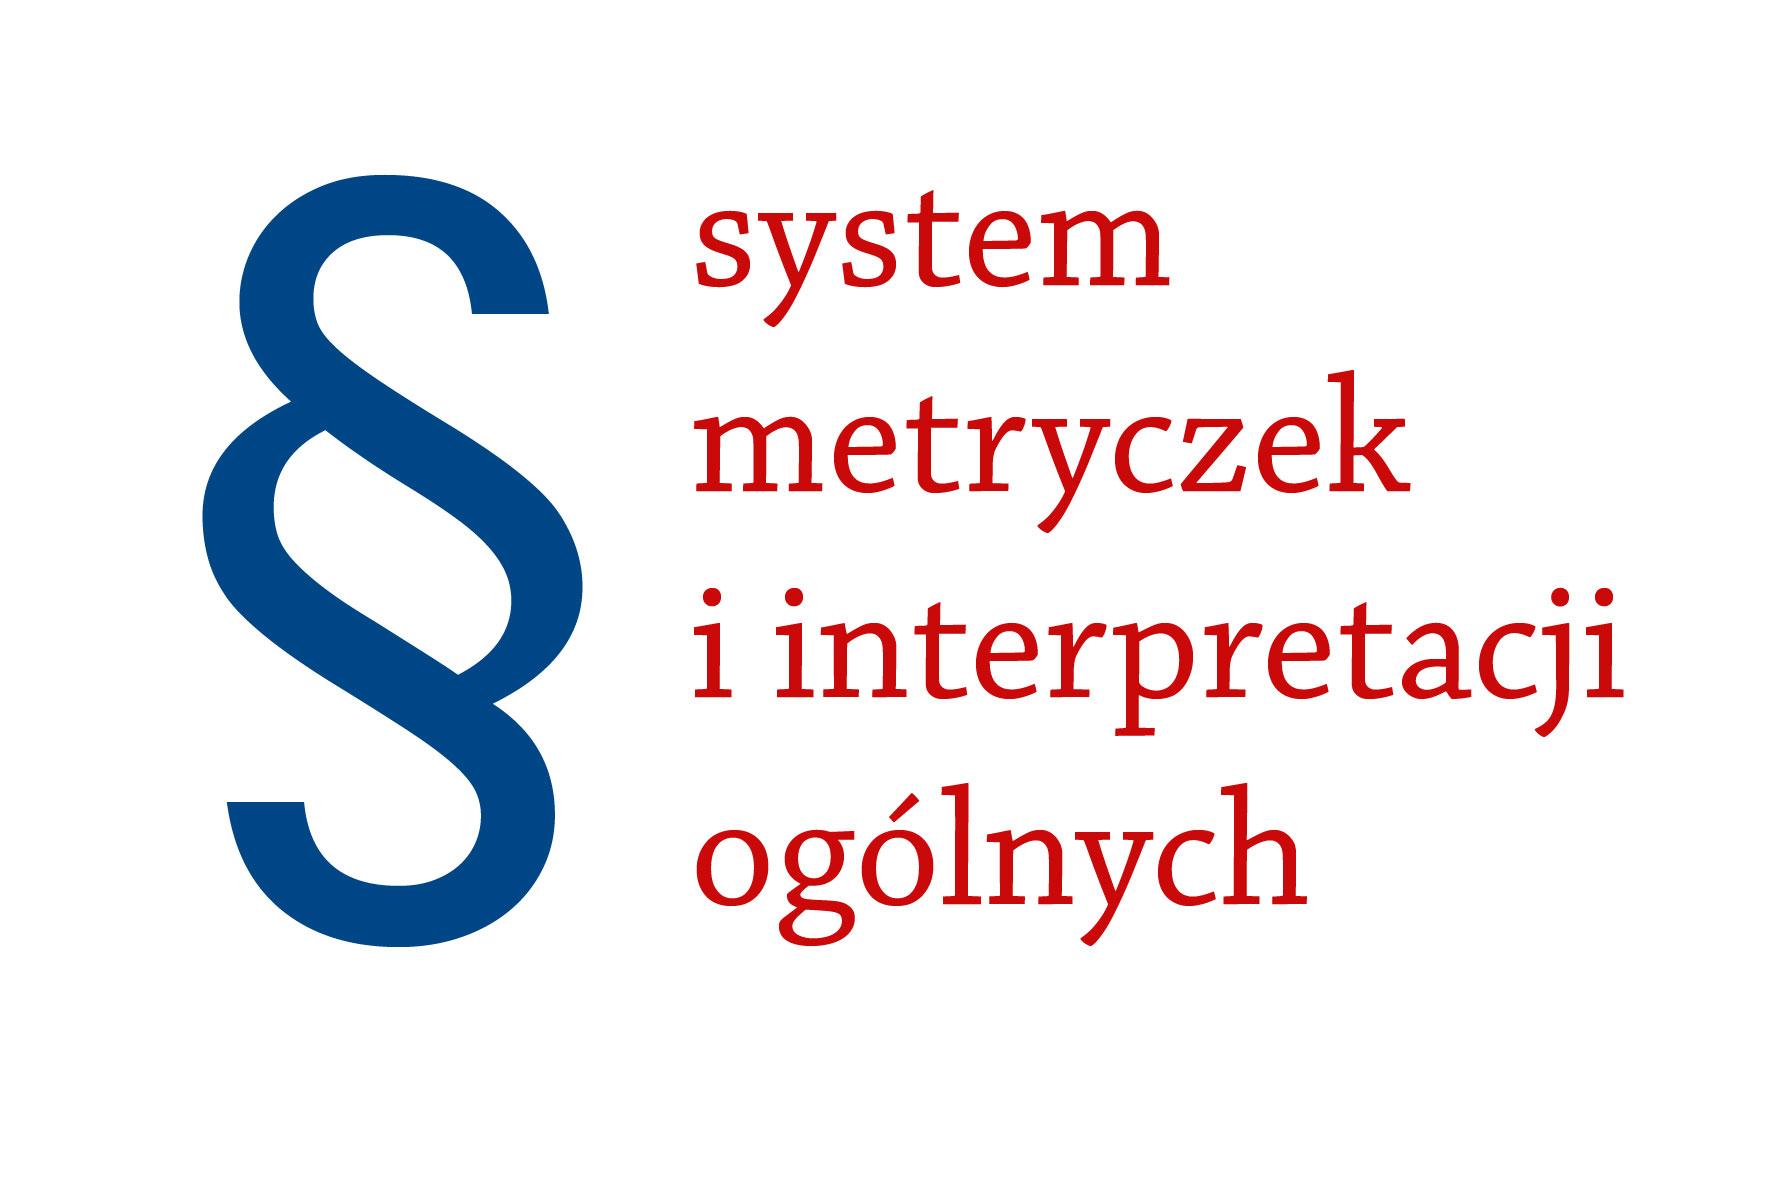 Przedsiębiorcy oceniają system metryczek i interpretacji ogólnych